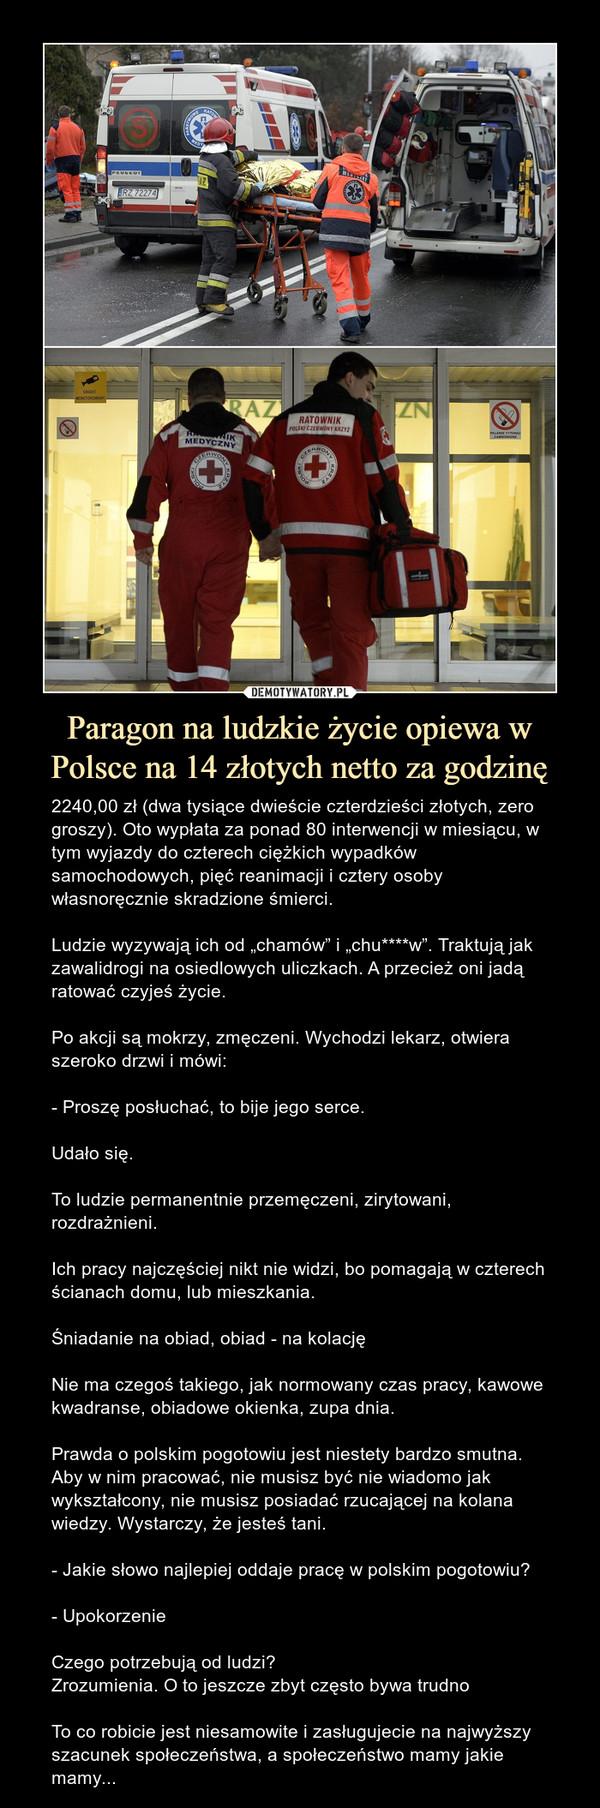 """Paragon na ludzkie życie opiewa w Polsce na 14 złotych netto za godzinę – 2240,00 zł (dwa tysiące dwieście czterdzieści złotych, zero groszy). Oto wypłata za ponad 80 interwencji w miesiącu, w tym wyjazdy do czterech ciężkich wypadków samochodowych, pięć reanimacji i cztery osoby własnoręcznie skradzione śmierci. Ludzie wyzywają ich od """"chamów"""" i """"chu****w"""". Traktują jak zawalidrogi na osiedlowych uliczkach. A przecież oni jadą ratować czyjeś życie.Po akcji są mokrzy, zmęczeni. Wychodzi lekarz, otwiera szeroko drzwi i mówi:- Proszę posłuchać, to bije jego serce.Udało się.To ludzie permanentnie przemęczeni, zirytowani, rozdrażnieni.Ich pracy najczęściej nikt nie widzi, bo pomagają w czterech ścianach domu, lub mieszkania.Śniadanie na obiad, obiad - na kolacjęNie ma czegoś takiego, jak normowany czas pracy, kawowe kwadranse, obiadowe okienka, zupa dnia.Prawda o polskim pogotowiu jest niestety bardzo smutna. Aby w nim pracować, nie musisz być nie wiadomo jak wykształcony, nie musisz posiadać rzucającej na kolana wiedzy. Wystarczy, że jesteś tani.- Jakie słowo najlepiej oddaje pracę w polskim pogotowiu?- UpokorzenieCzego potrzebują od ludzi?Zrozumienia. O to jeszcze zbyt często bywa trudnoTo co robicie jest niesamowite i zasługujecie na najwyższy szacunek społeczeństwa, a społeczeństwo mamy jakie mamy..."""